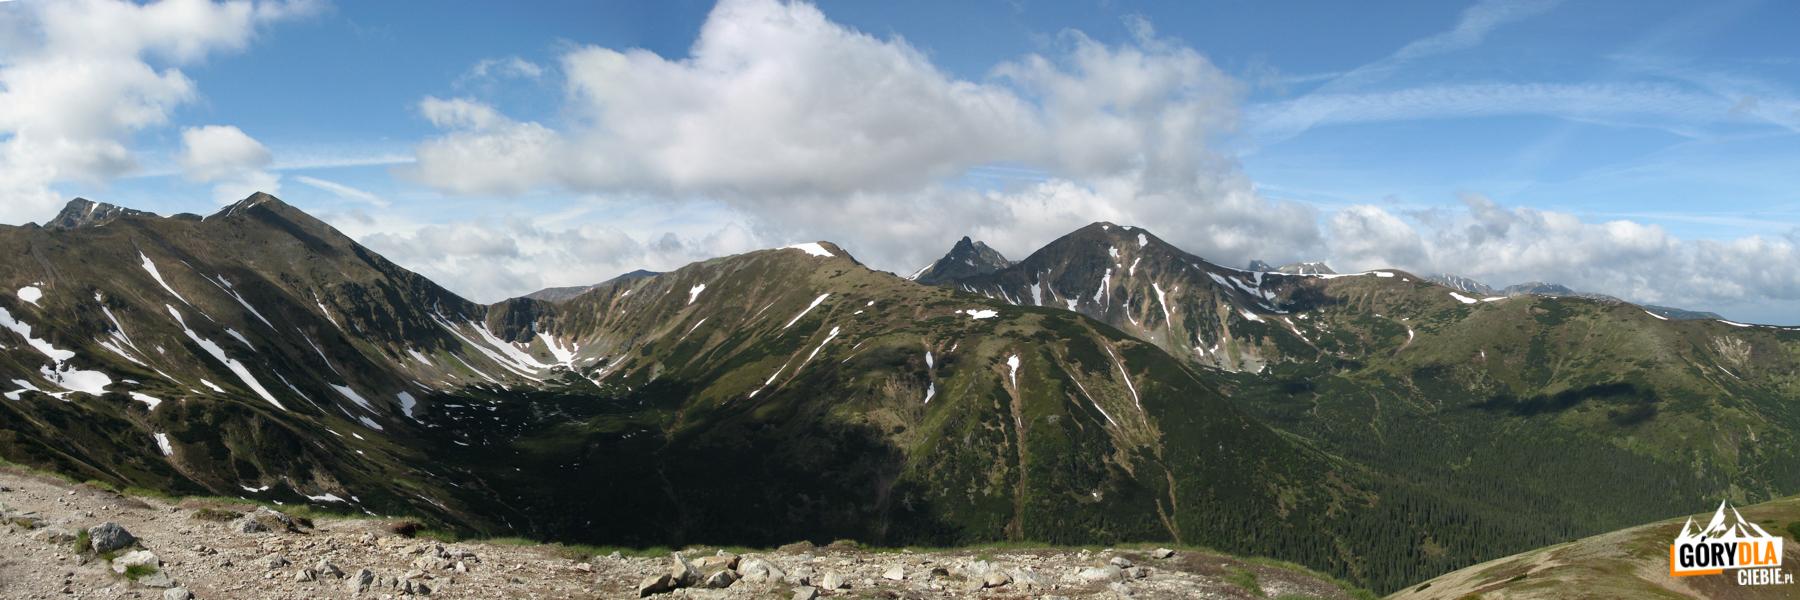 Widok zTrzydniowiańskiego Wierchu (1758 m) naRaczkową Czubę (2194 m), Jarząbczy Wierch (2137 m), Łopatę (1958 m), Rohacze, iWołowiec (2064 m)